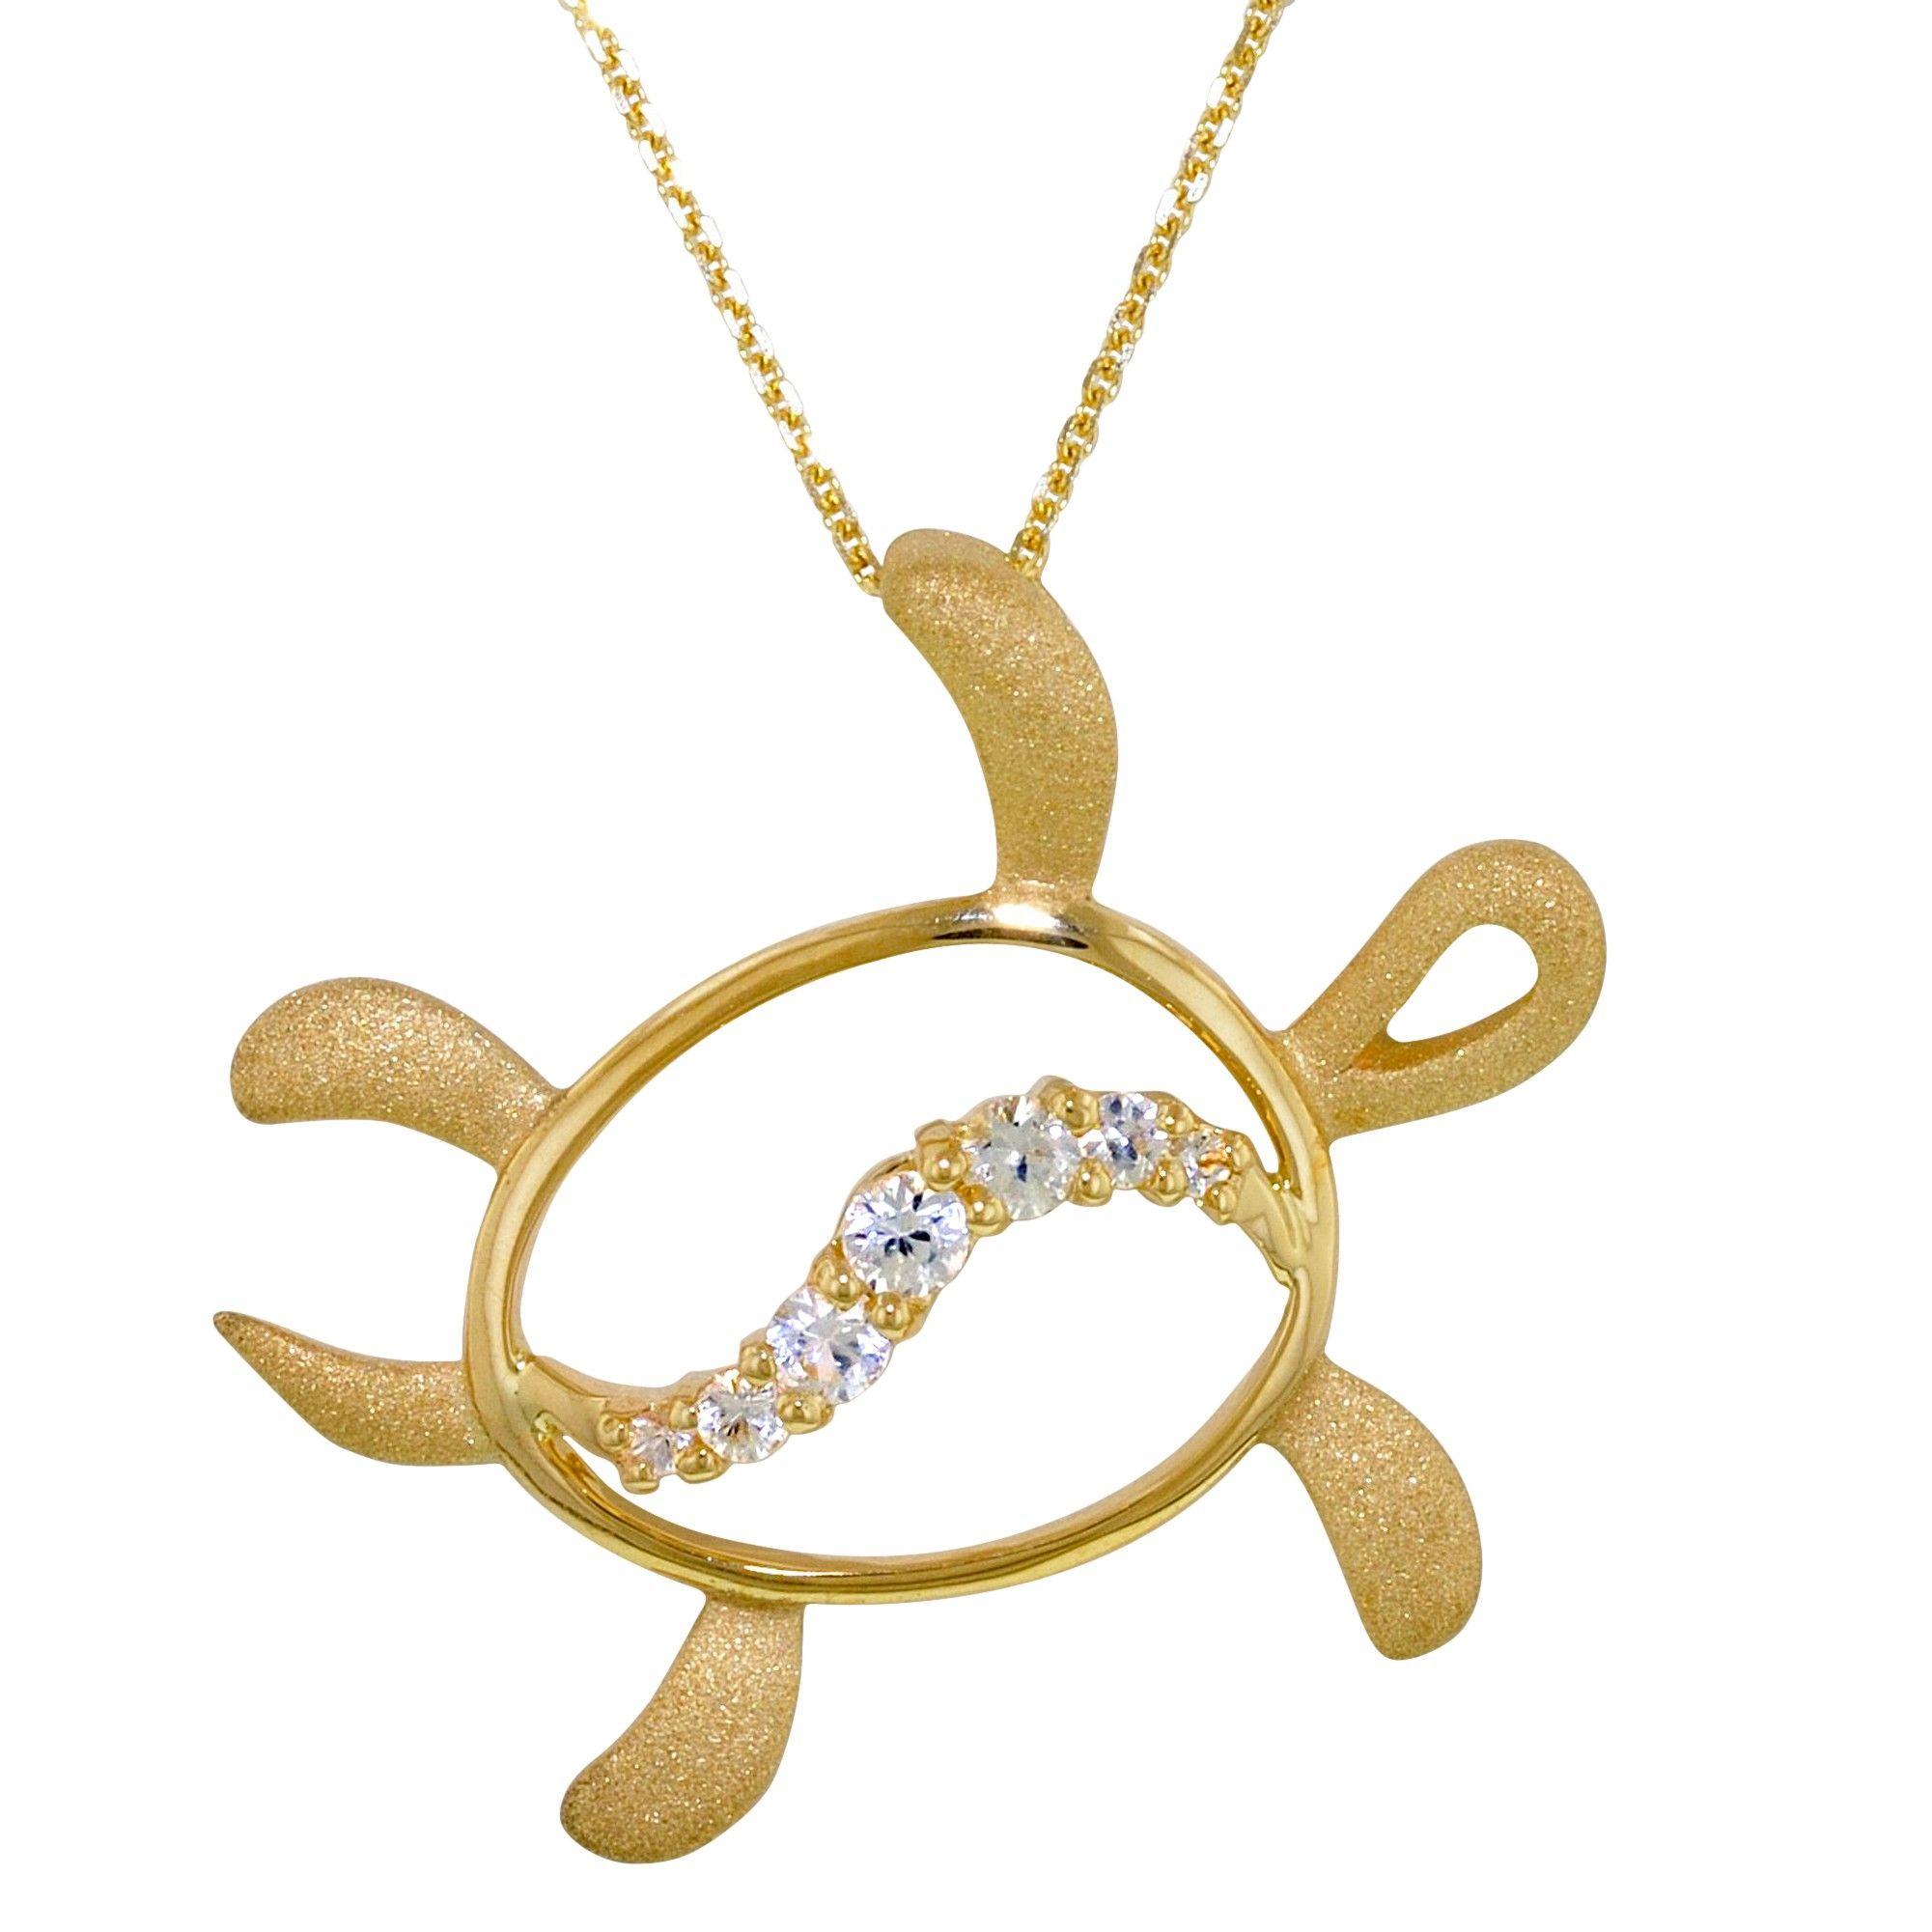 Denny Wong dwjpdsh10561jpg brand name designer jewelry in St